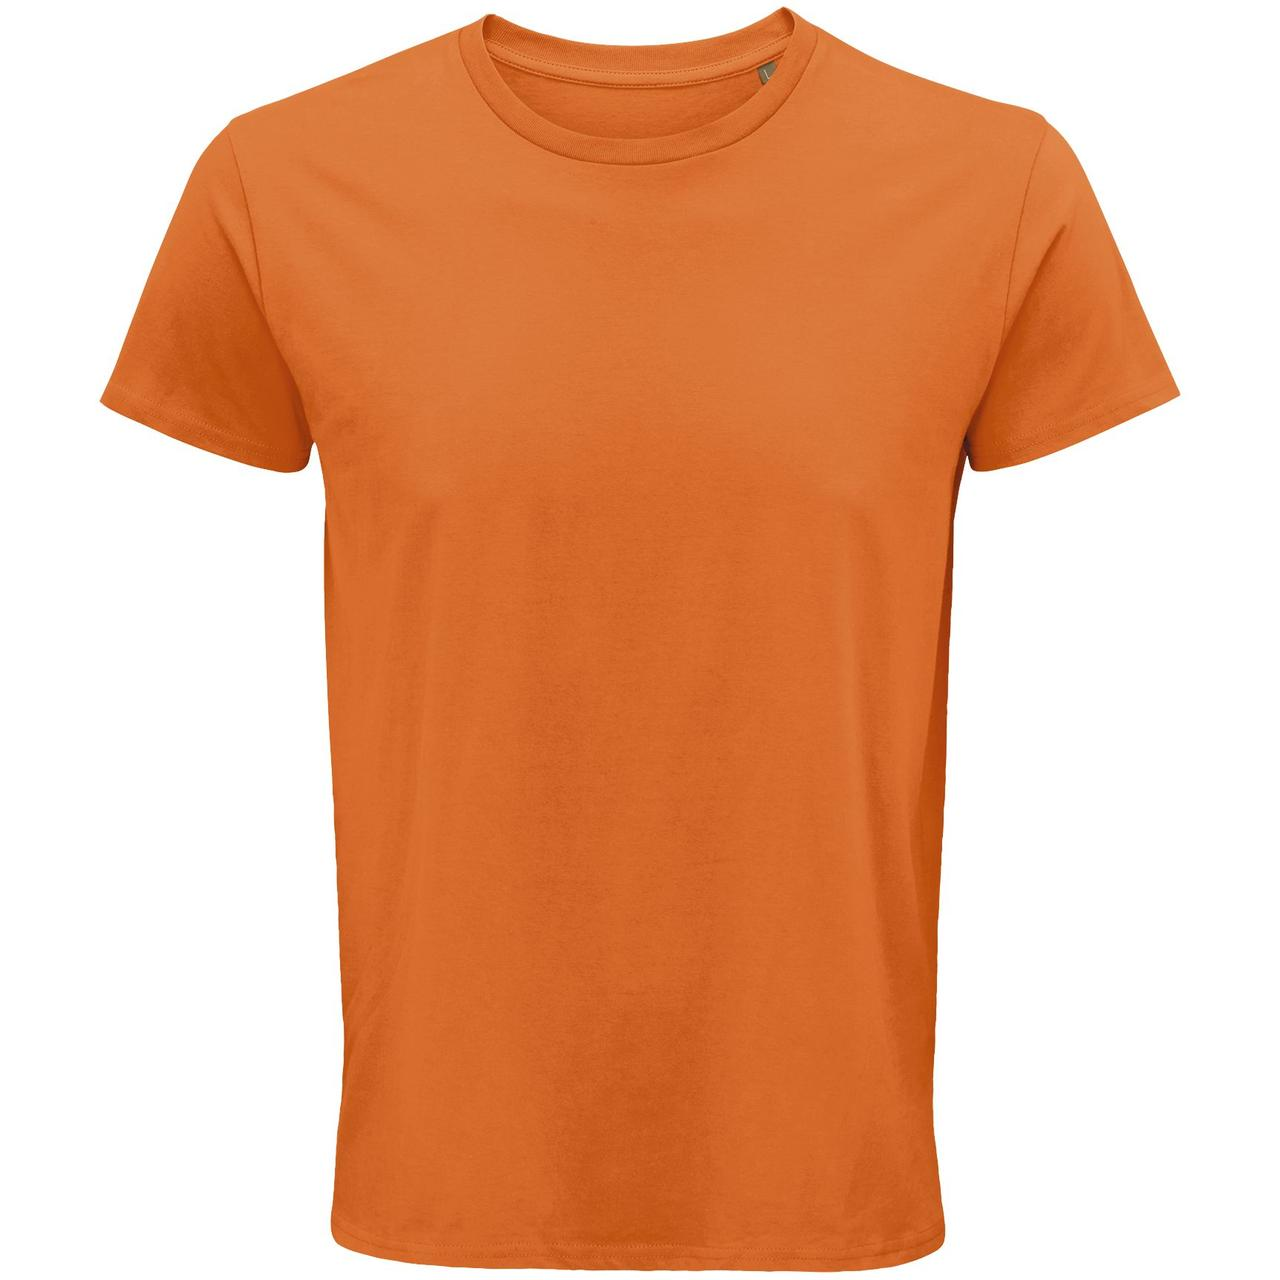 Футболка мужская Crusader Men, оранжевая (артикул 03582400)